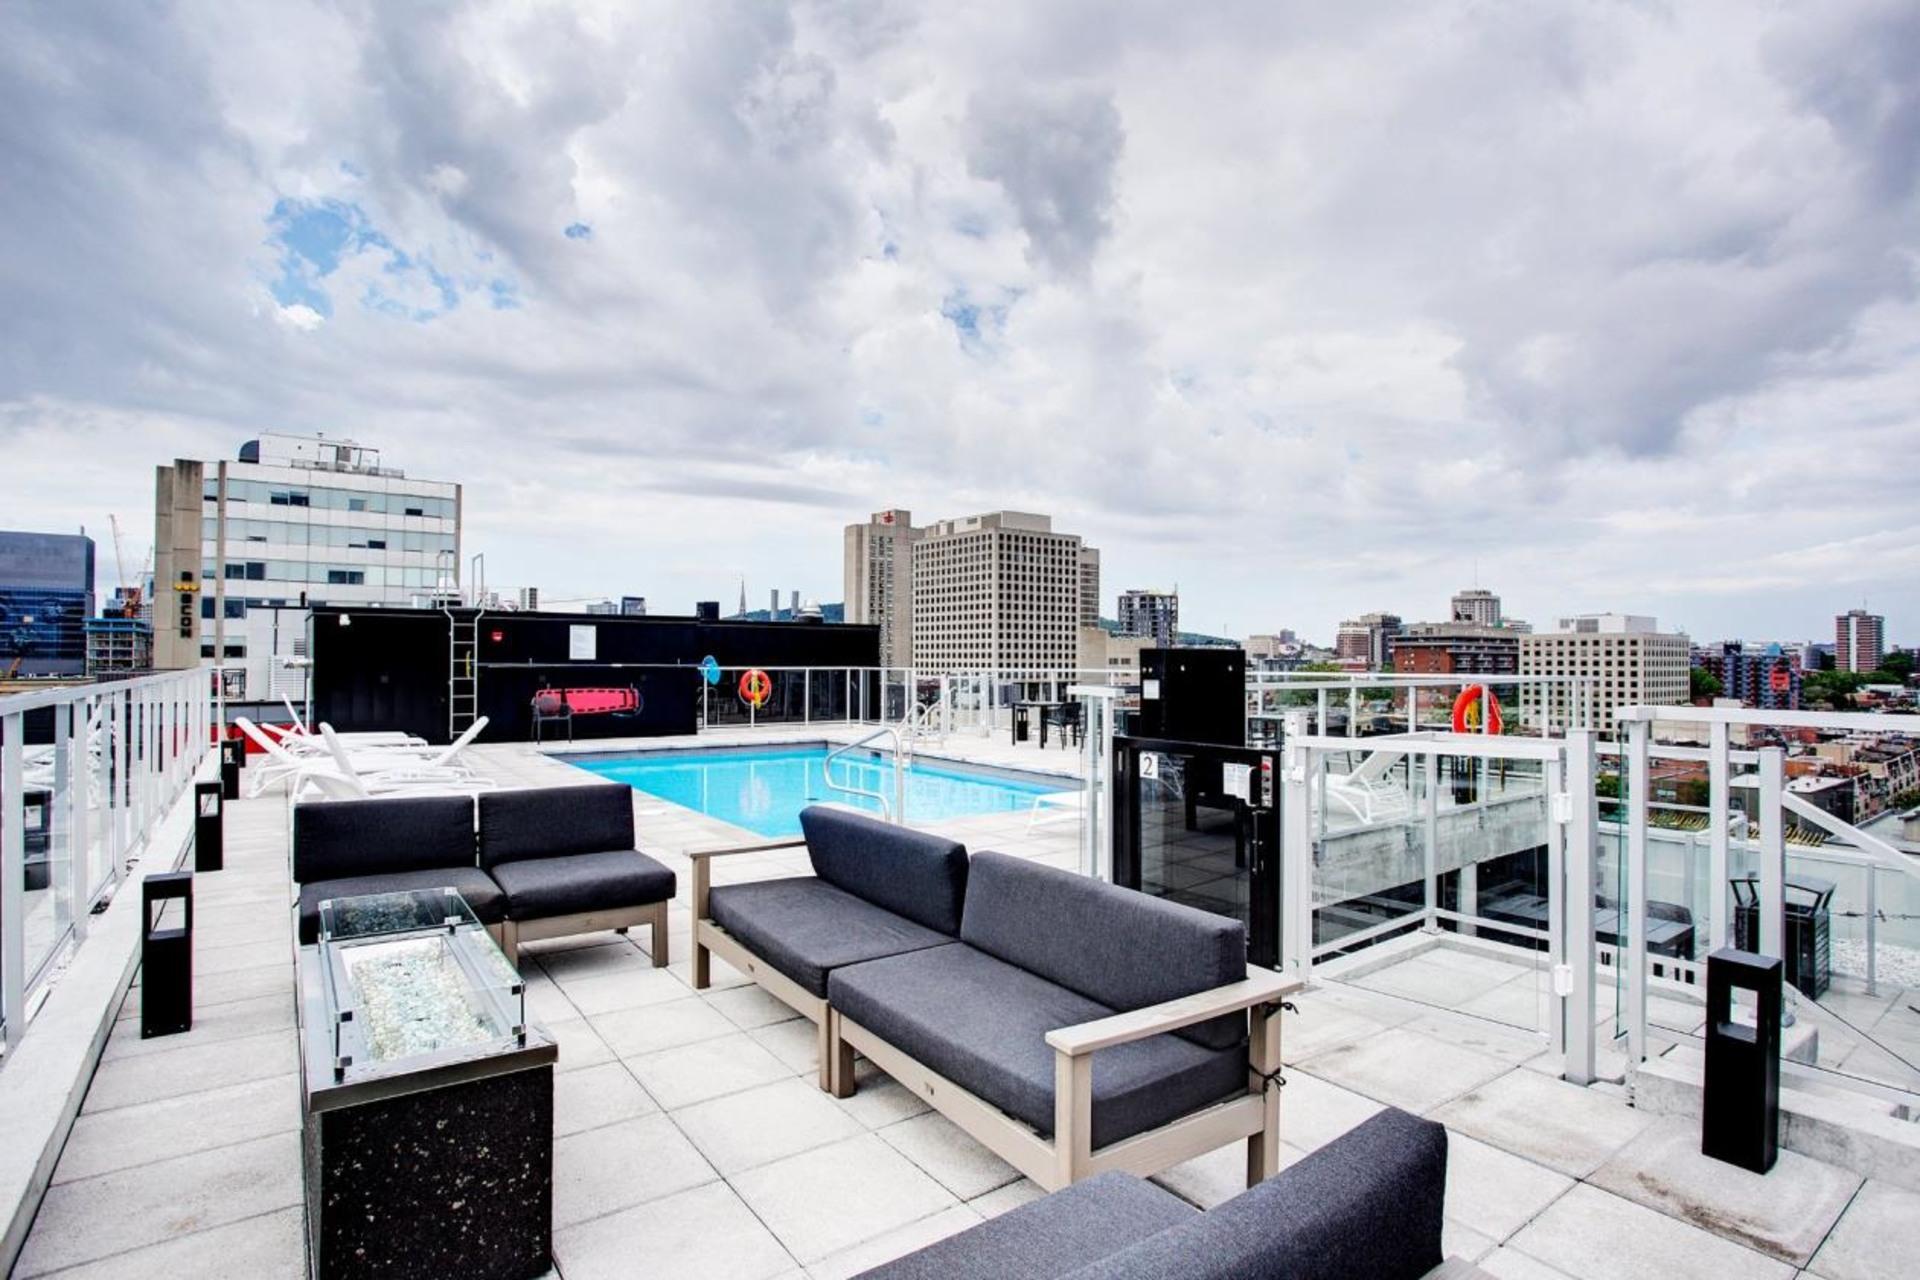 image 27 - Condo For rent Montréal - 4 rooms